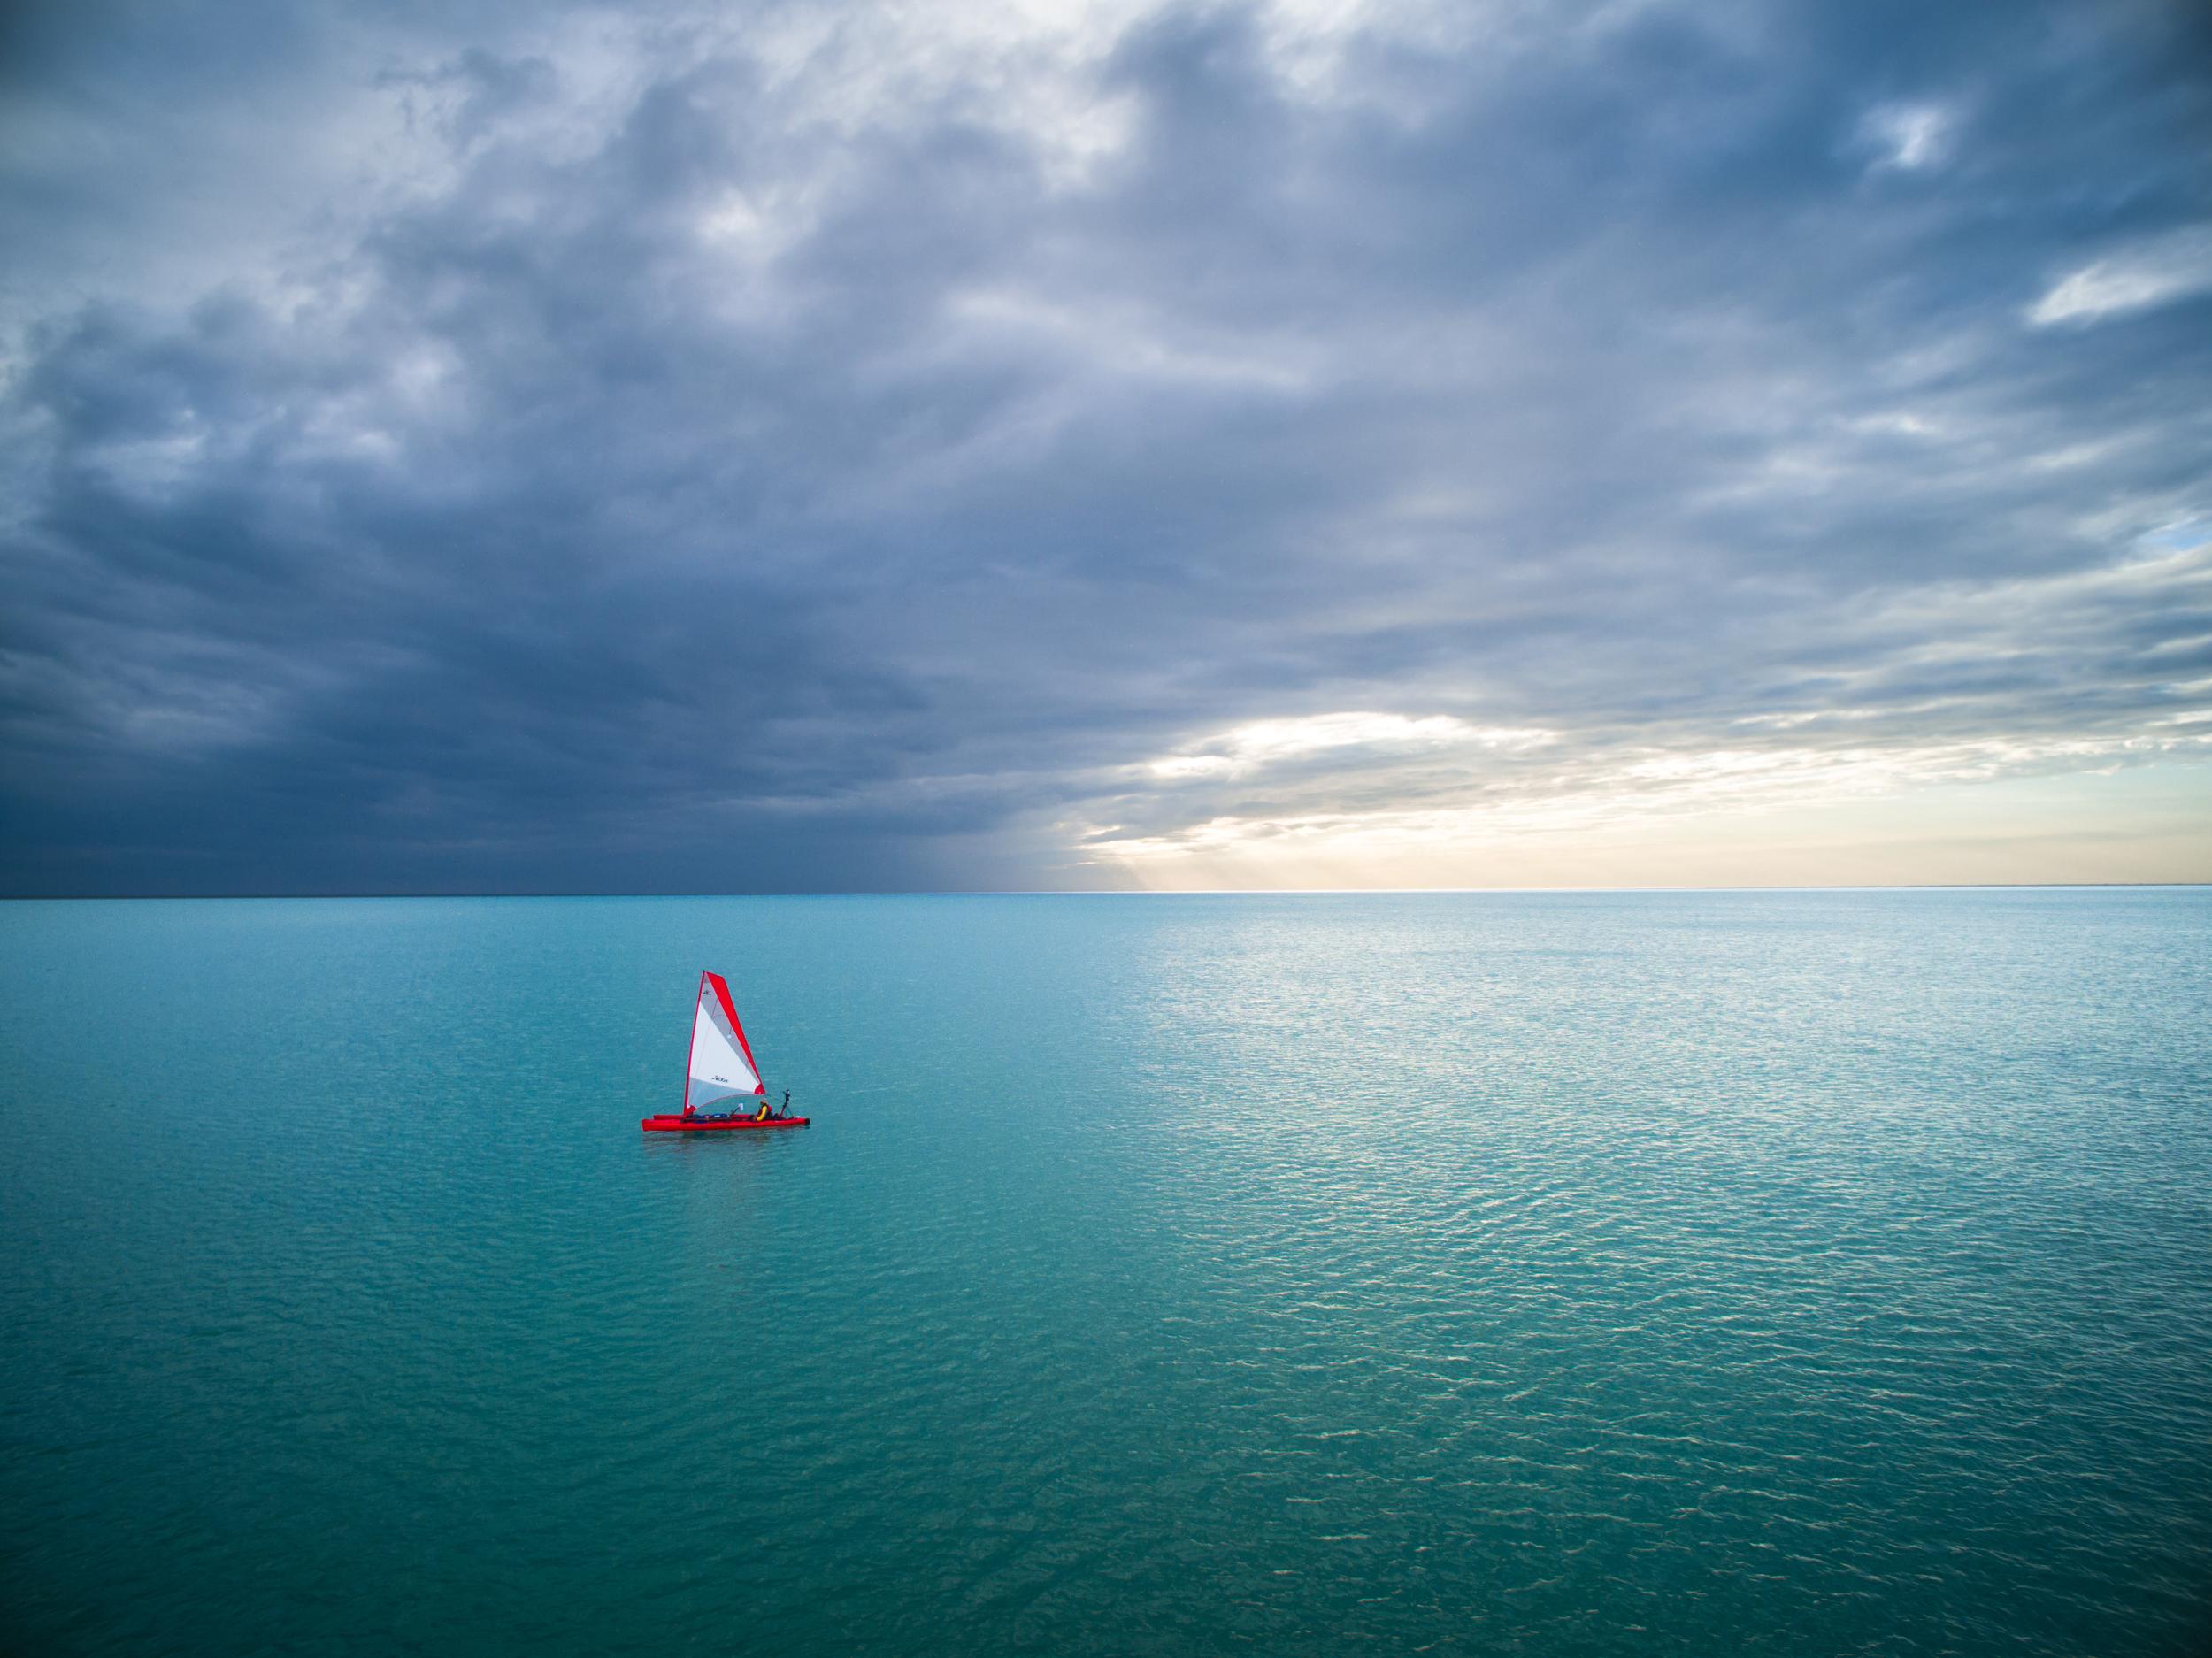 SailBoat-0037.jpg